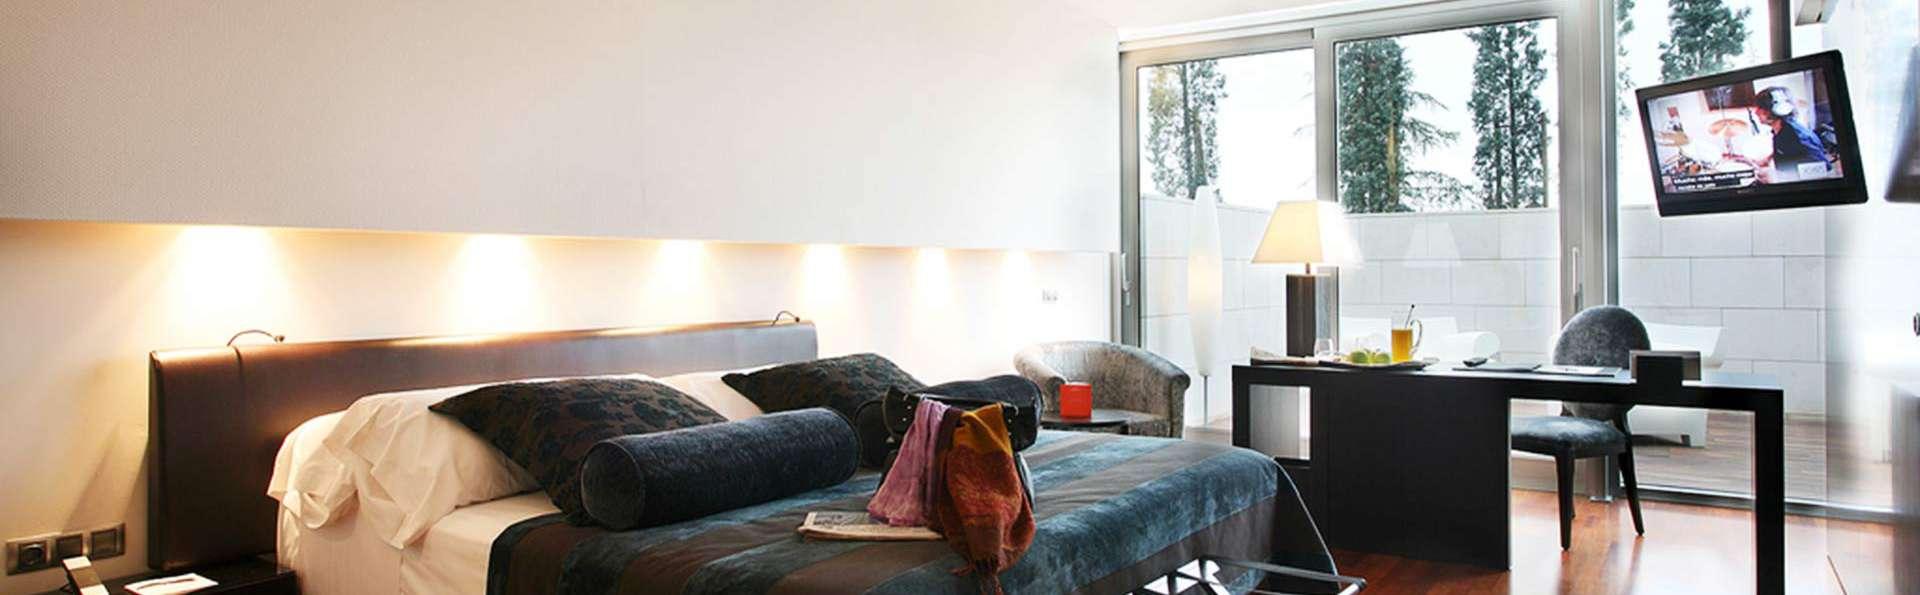 Finca Prats Hotel Golf & Spa - EDIT_room.jpg